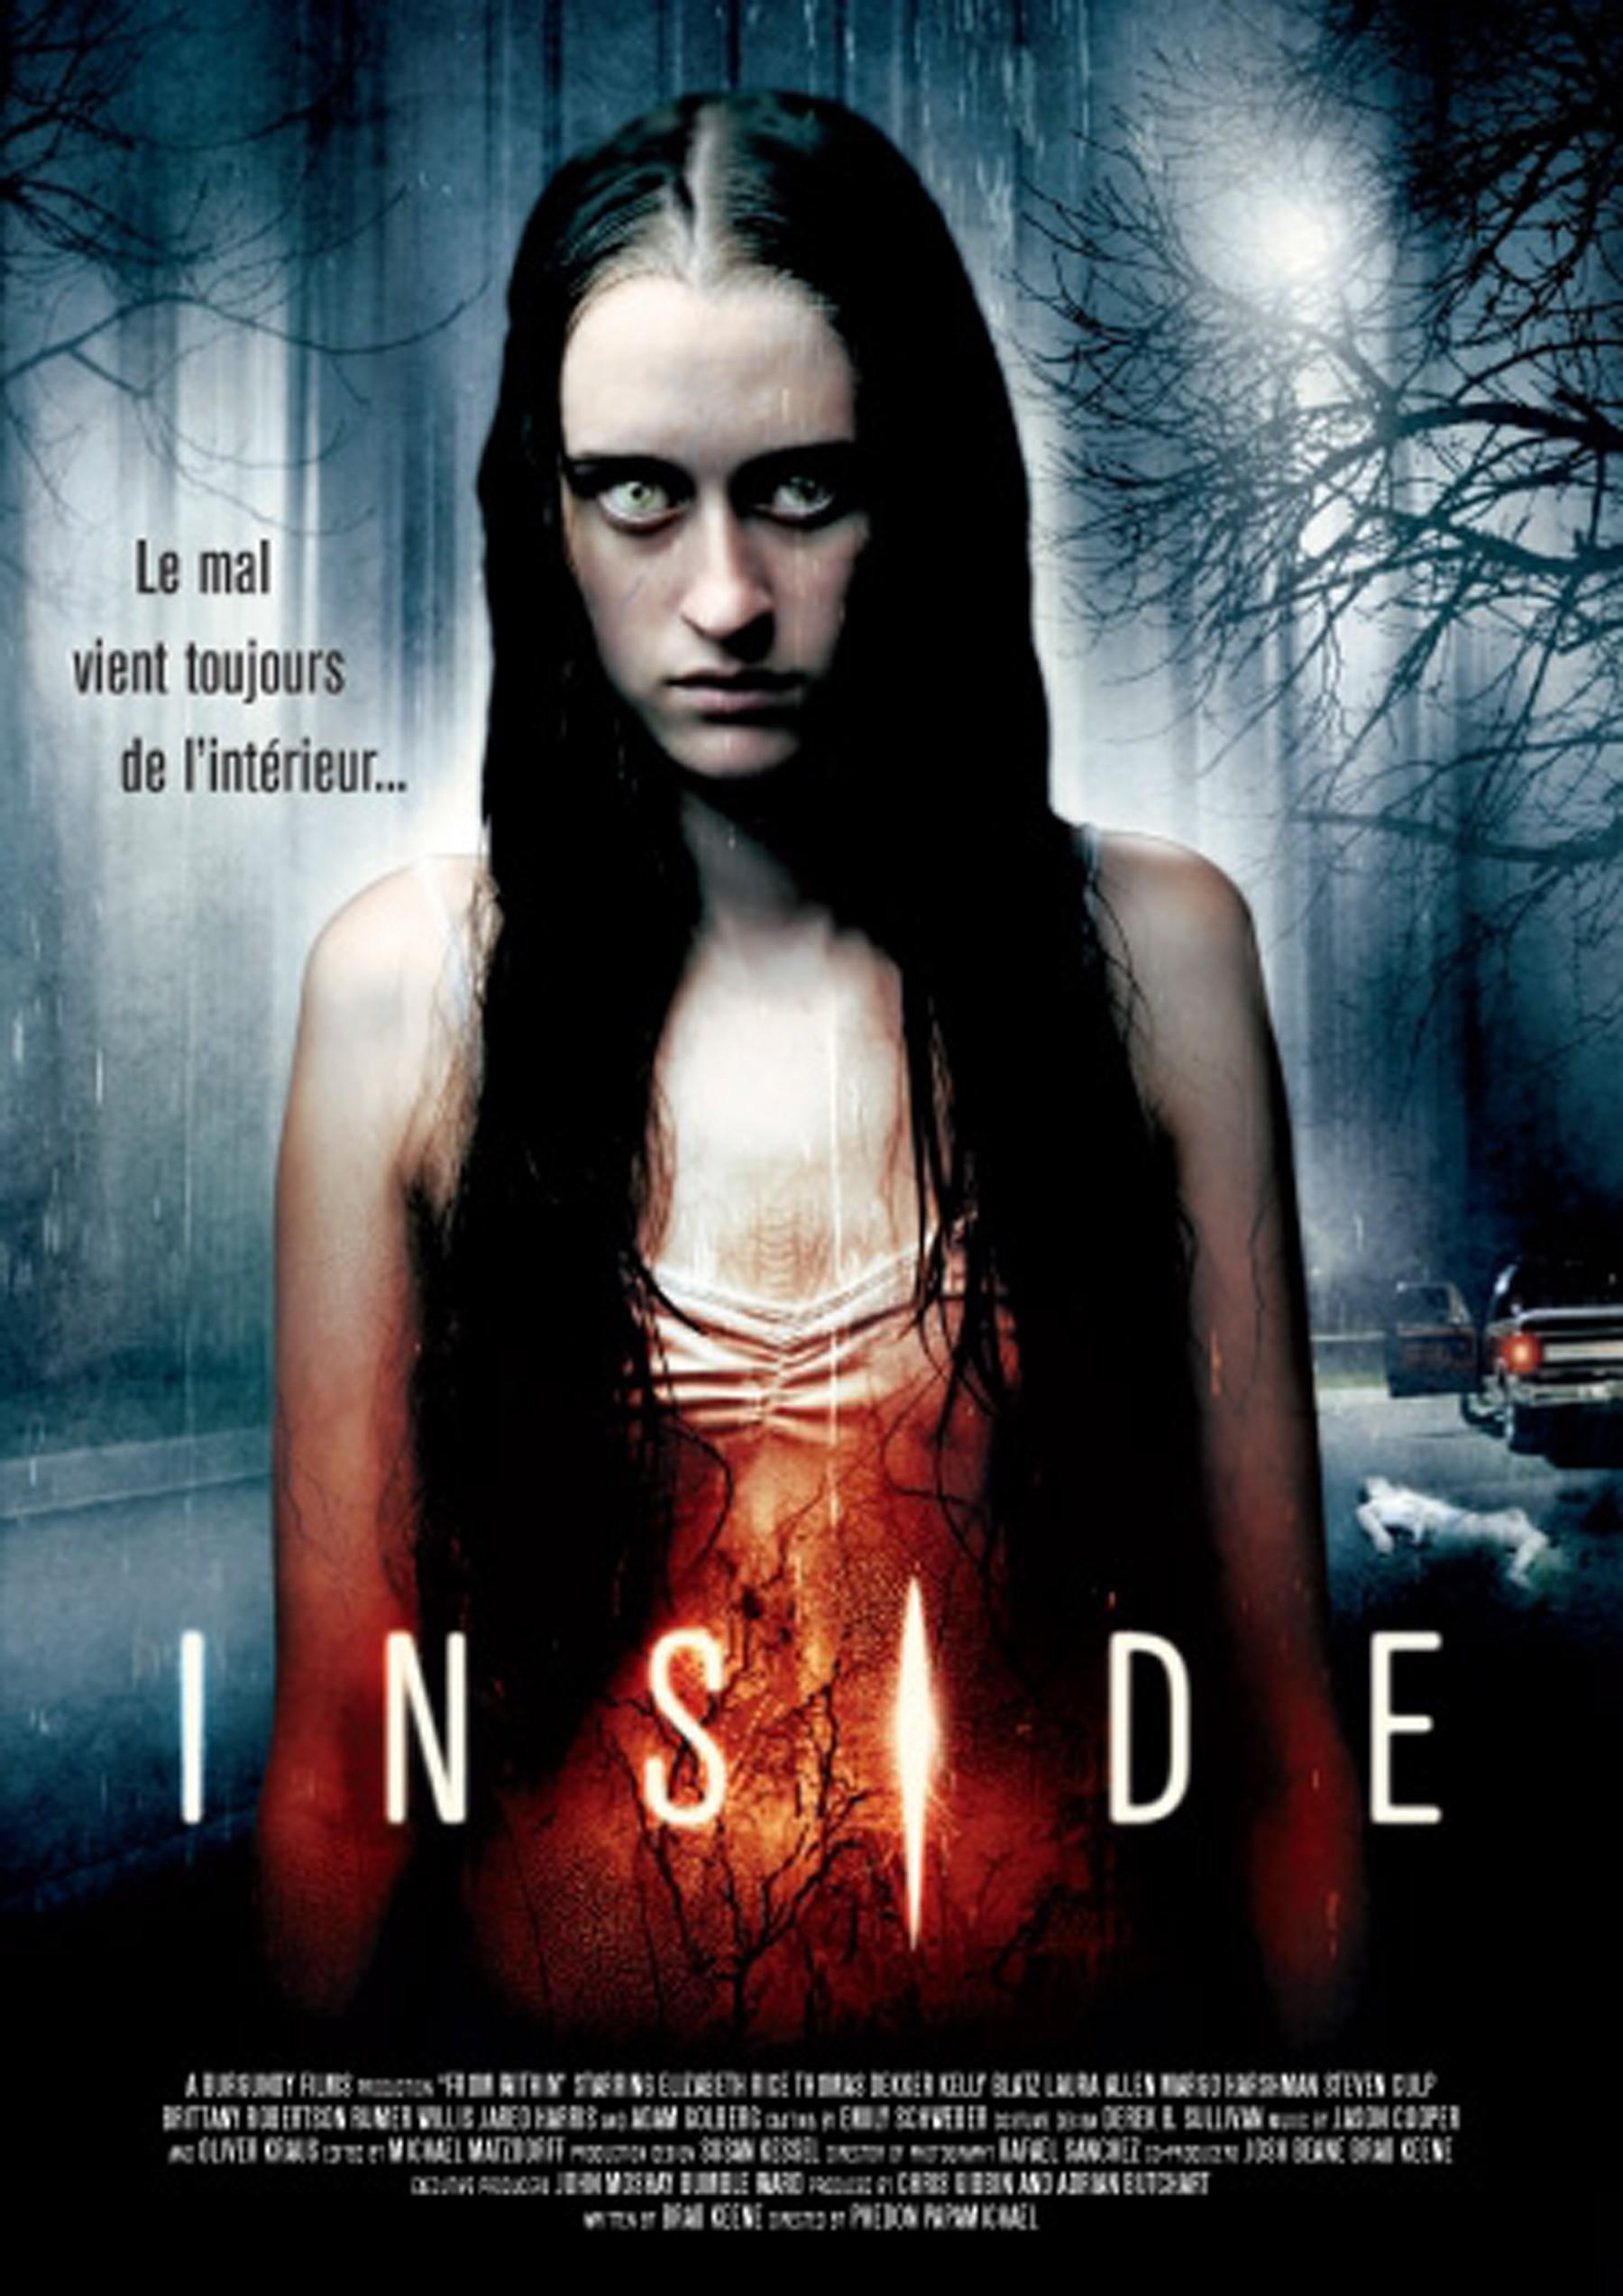 Inside for Inside 2007 dvd